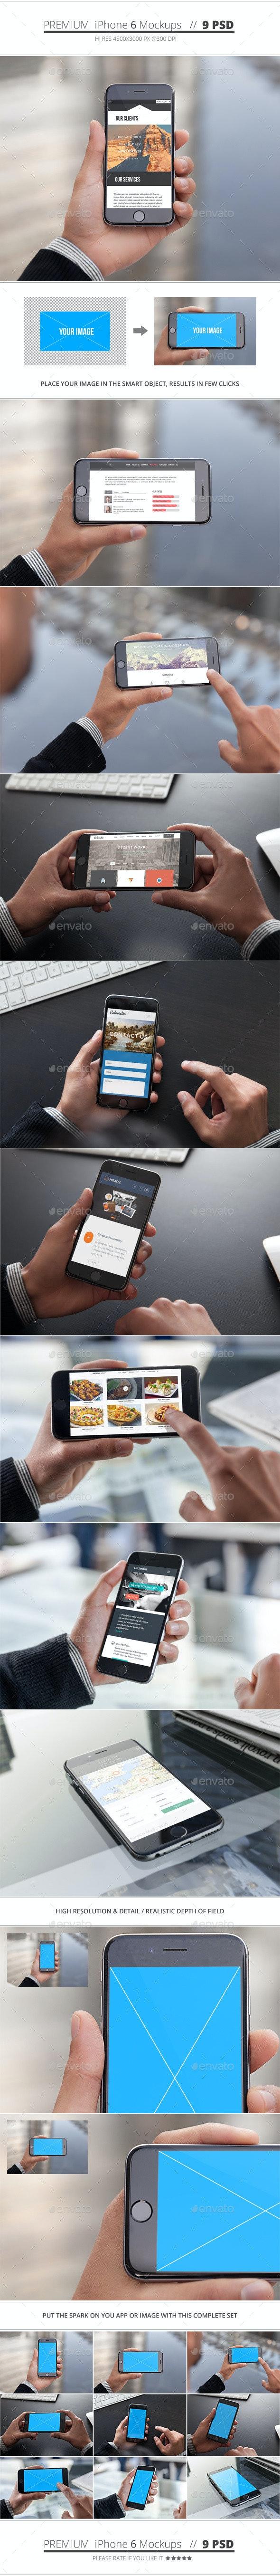 Phone 6 Mockups - 9 Pack - Mobile Displays